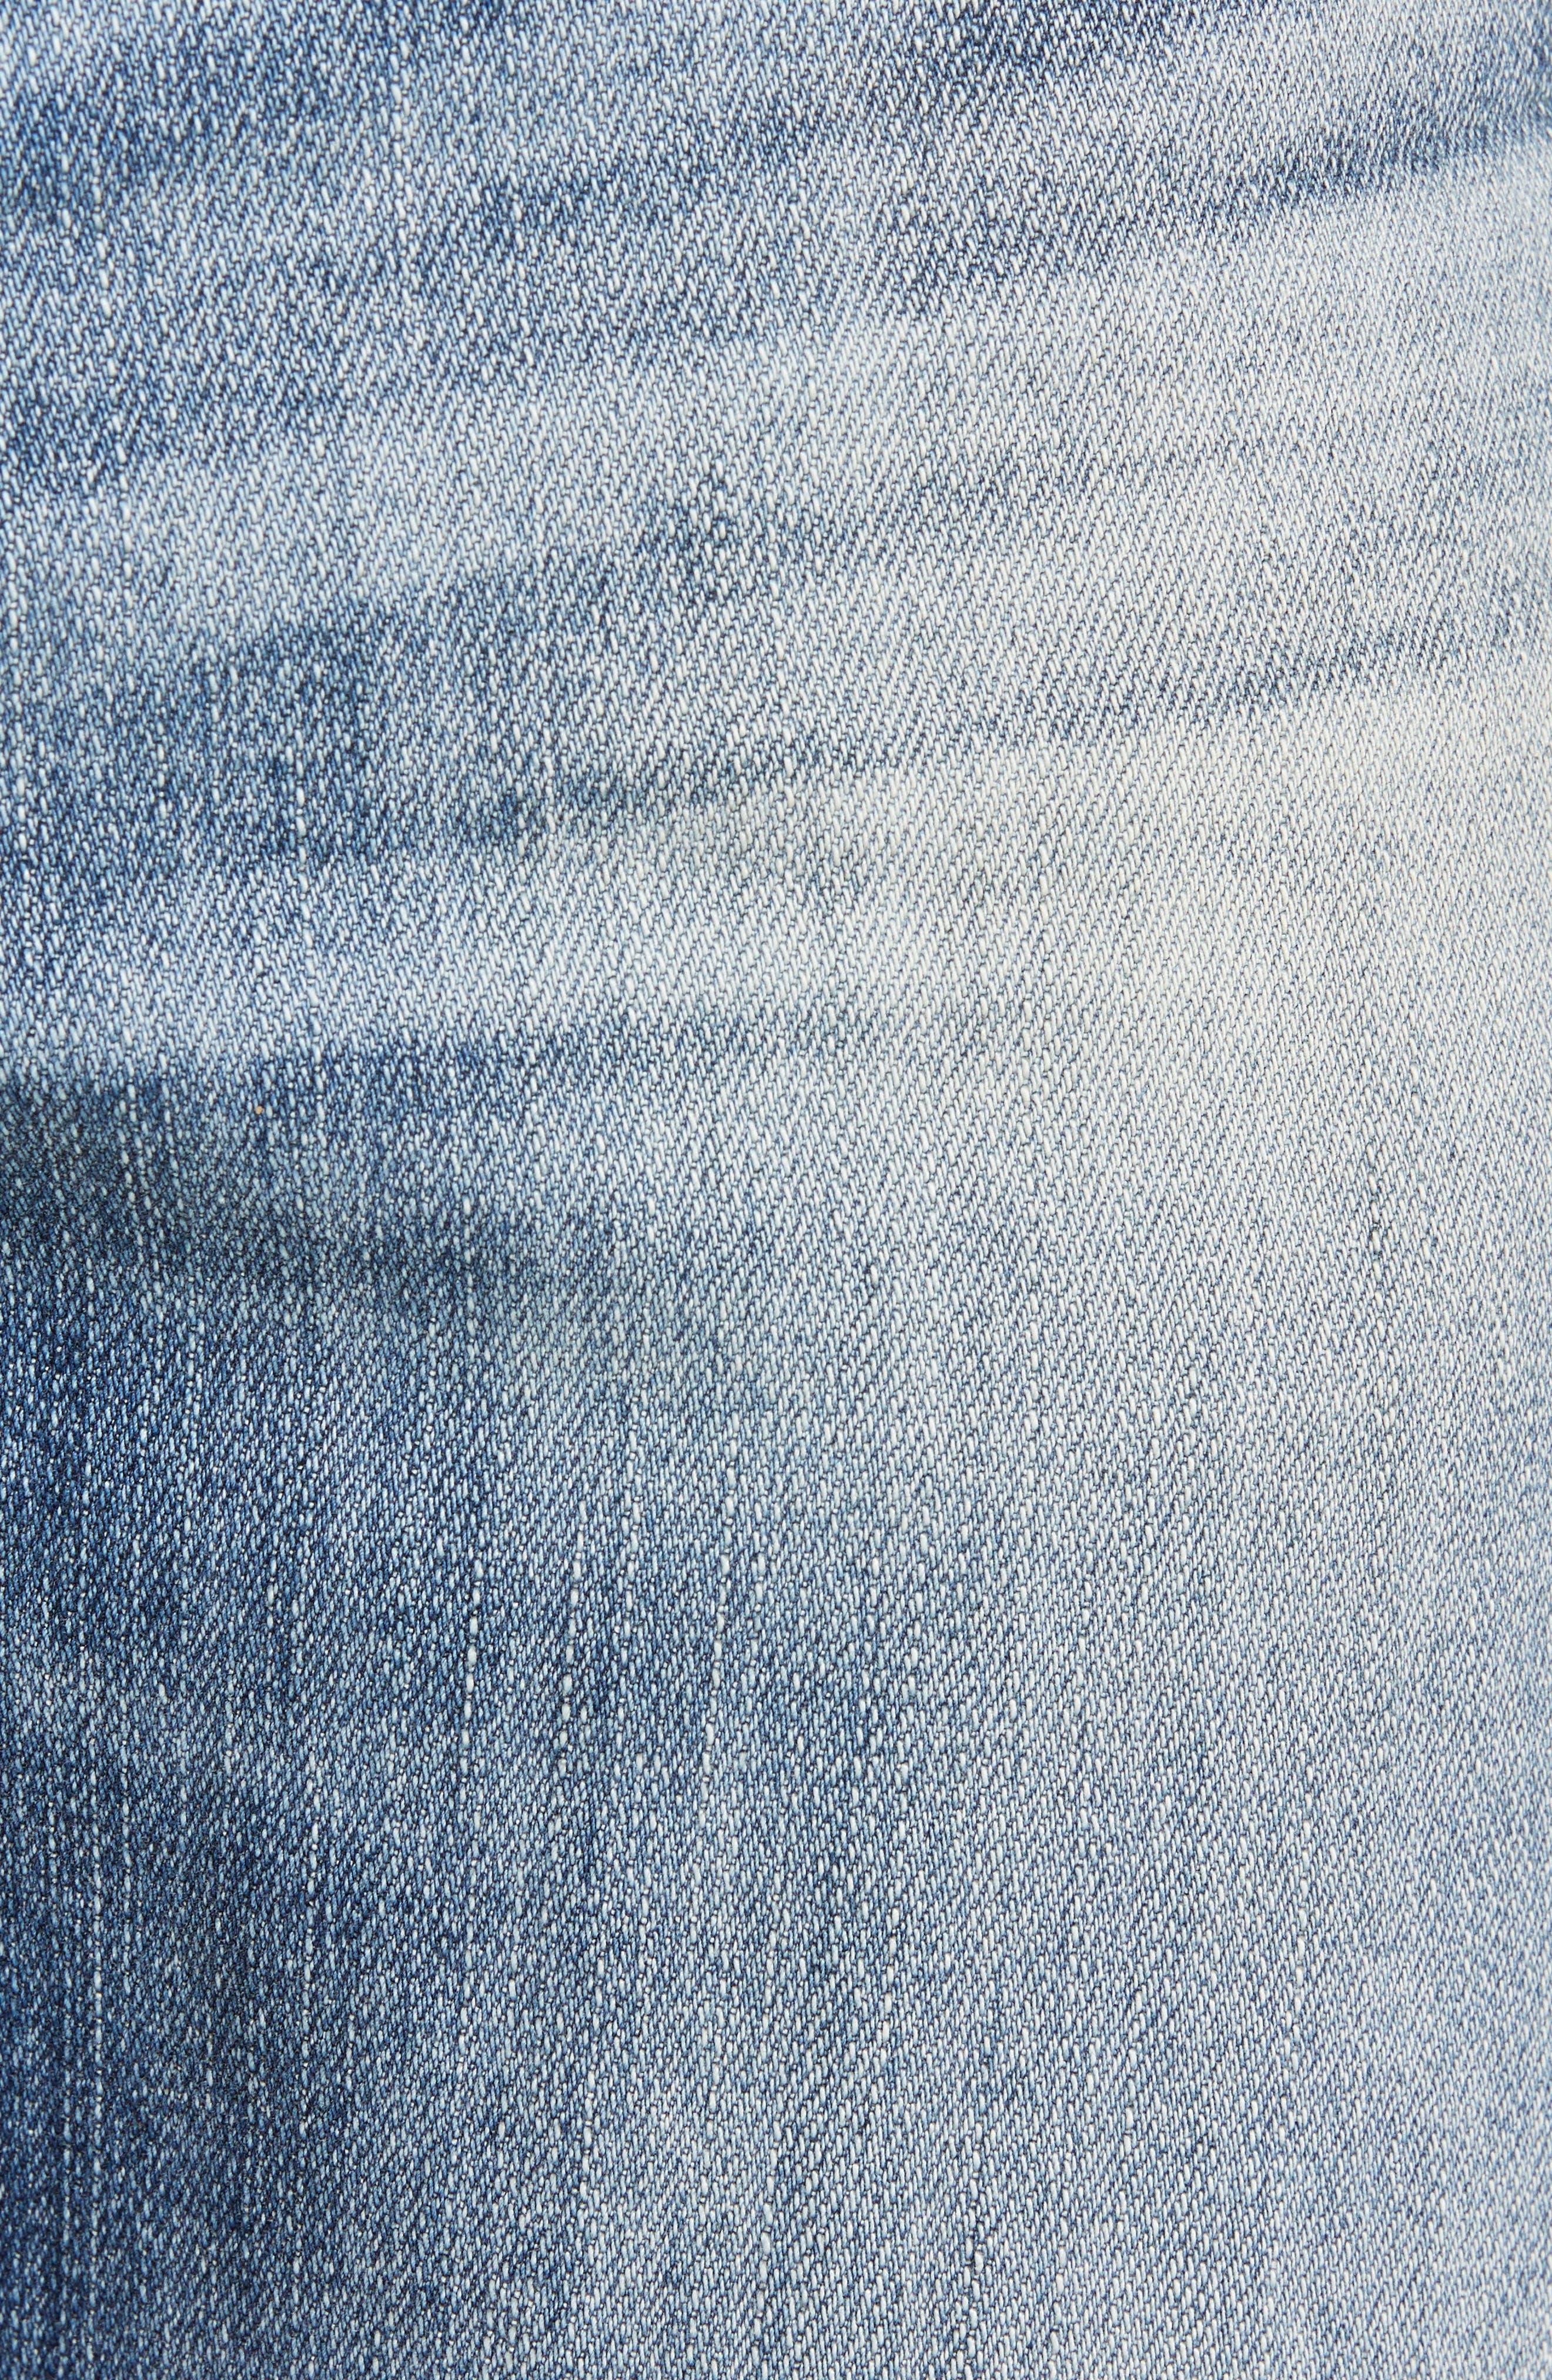 Everett Slim Straight Leg Jeans,                             Alternate thumbnail 5, color,                             21 YEARS SEIZE